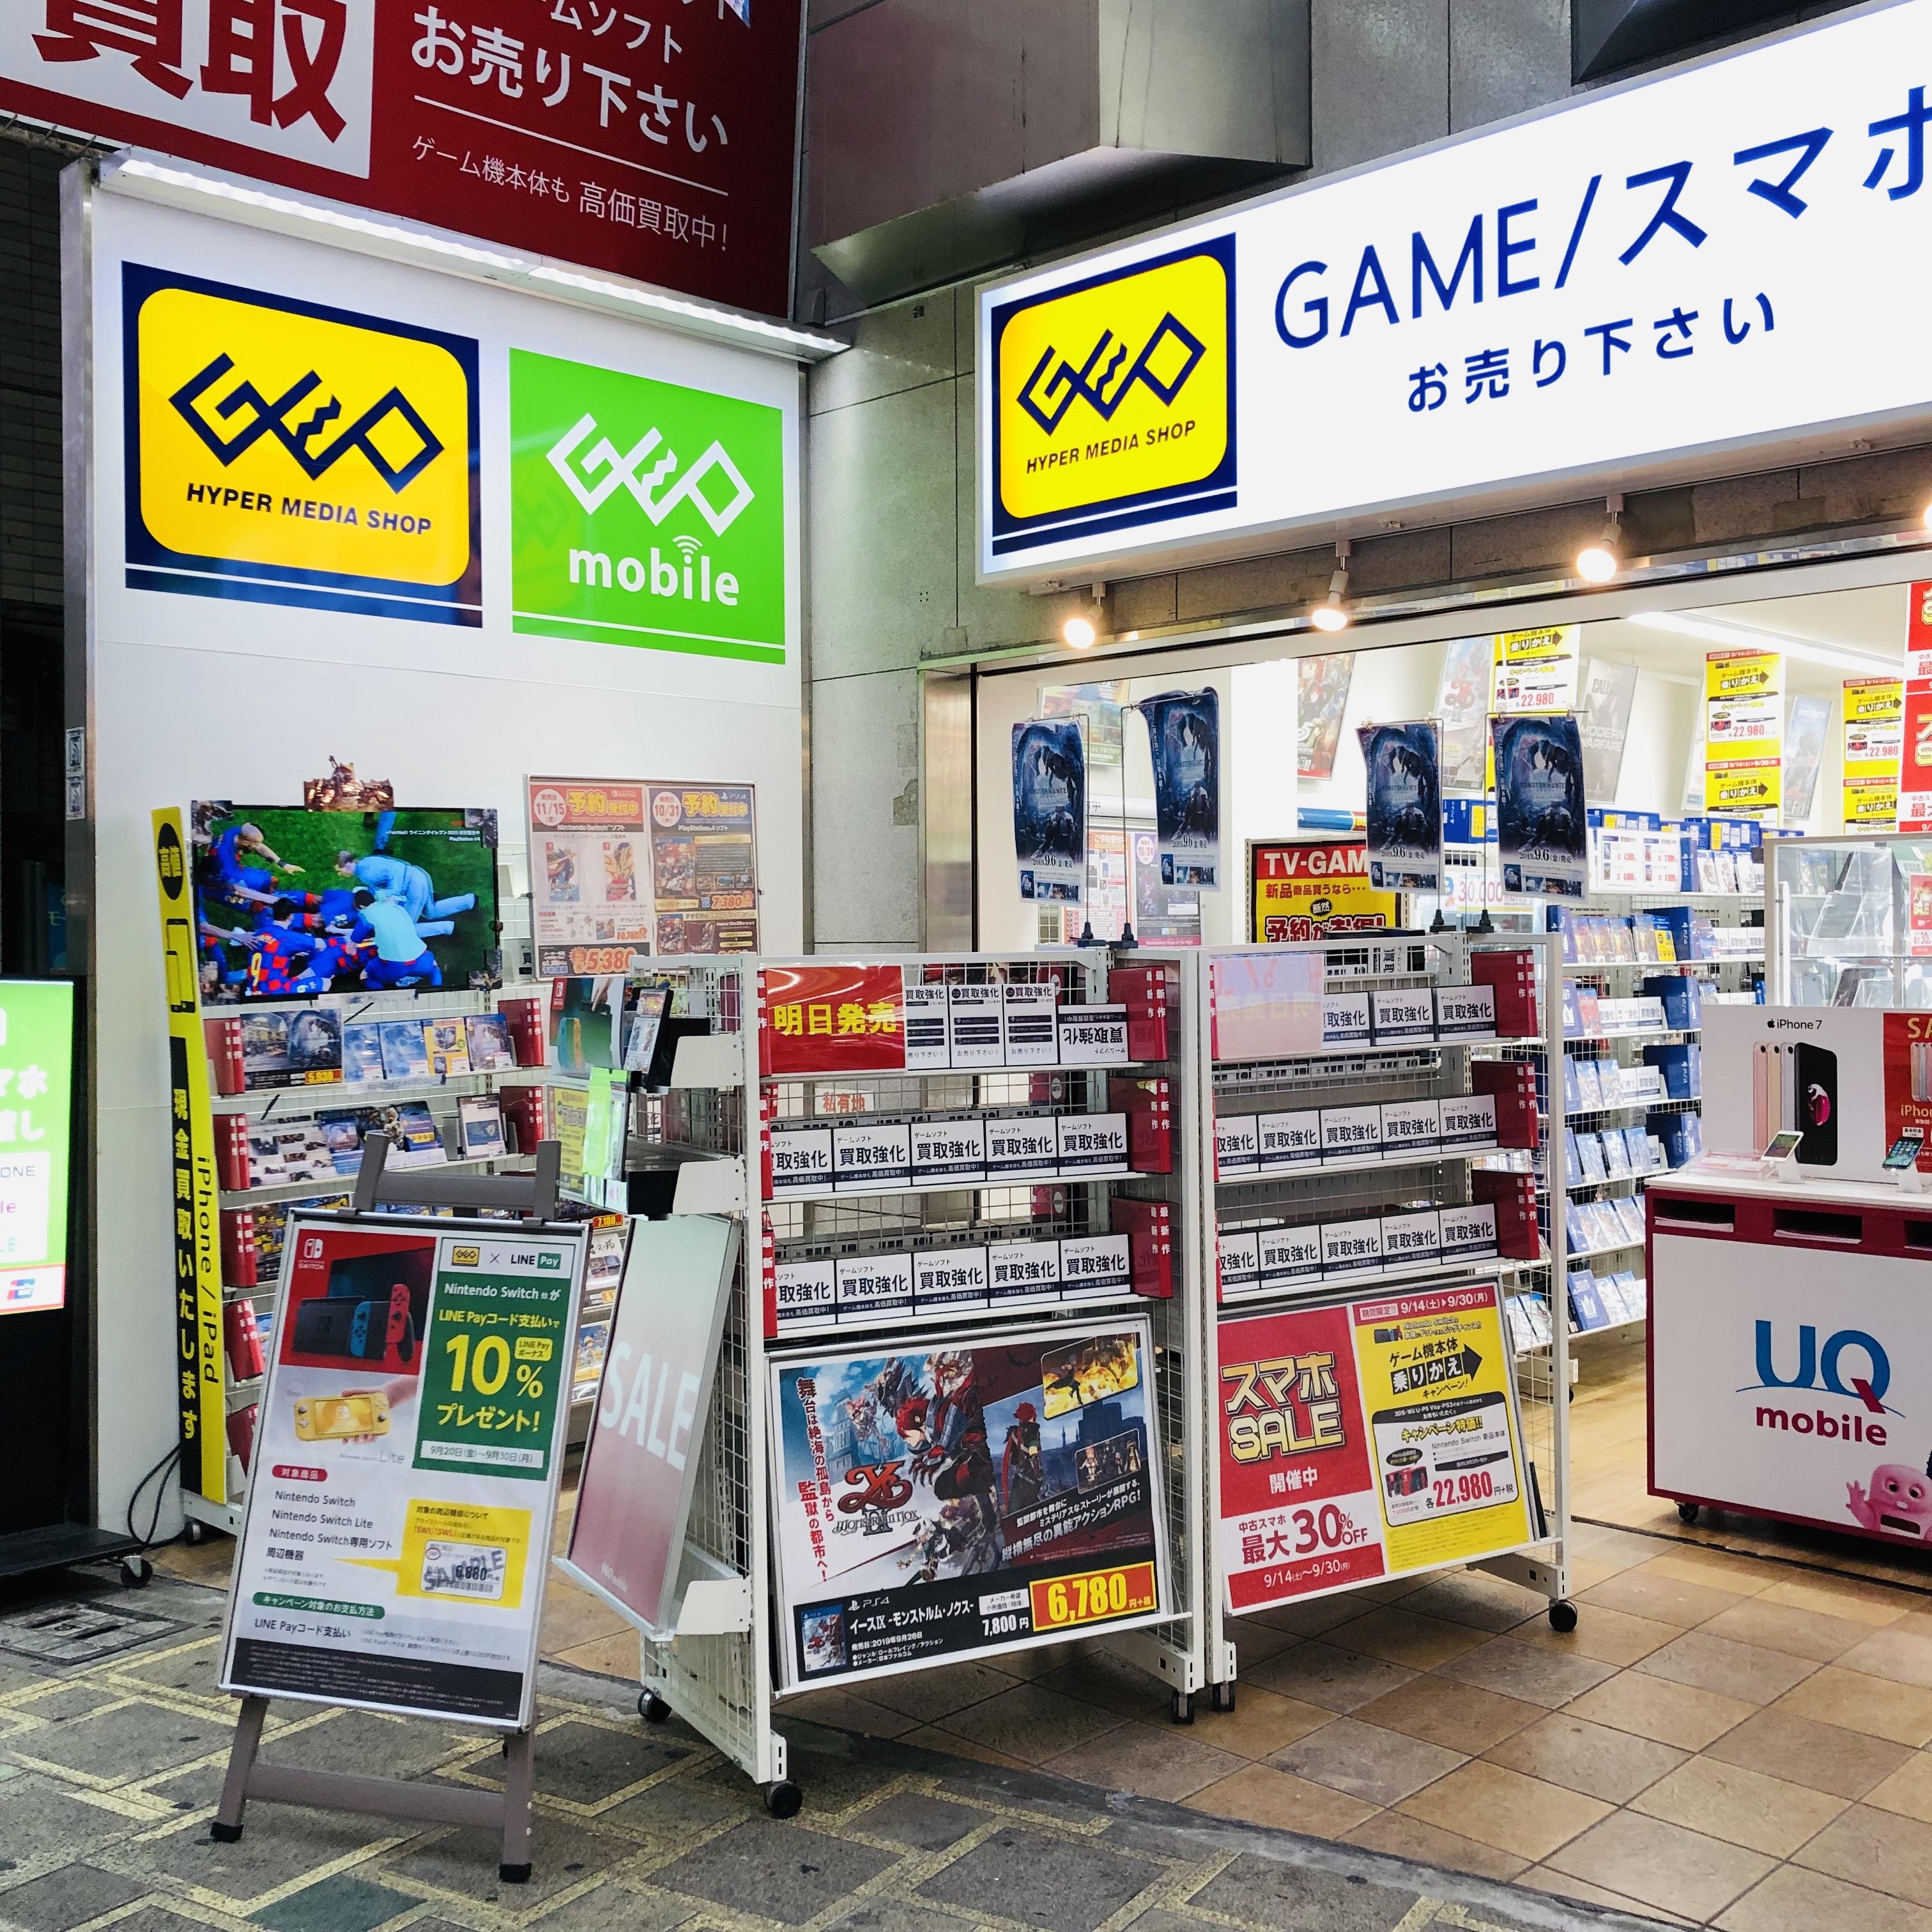 ゲオモバイル蒲田駅西口店